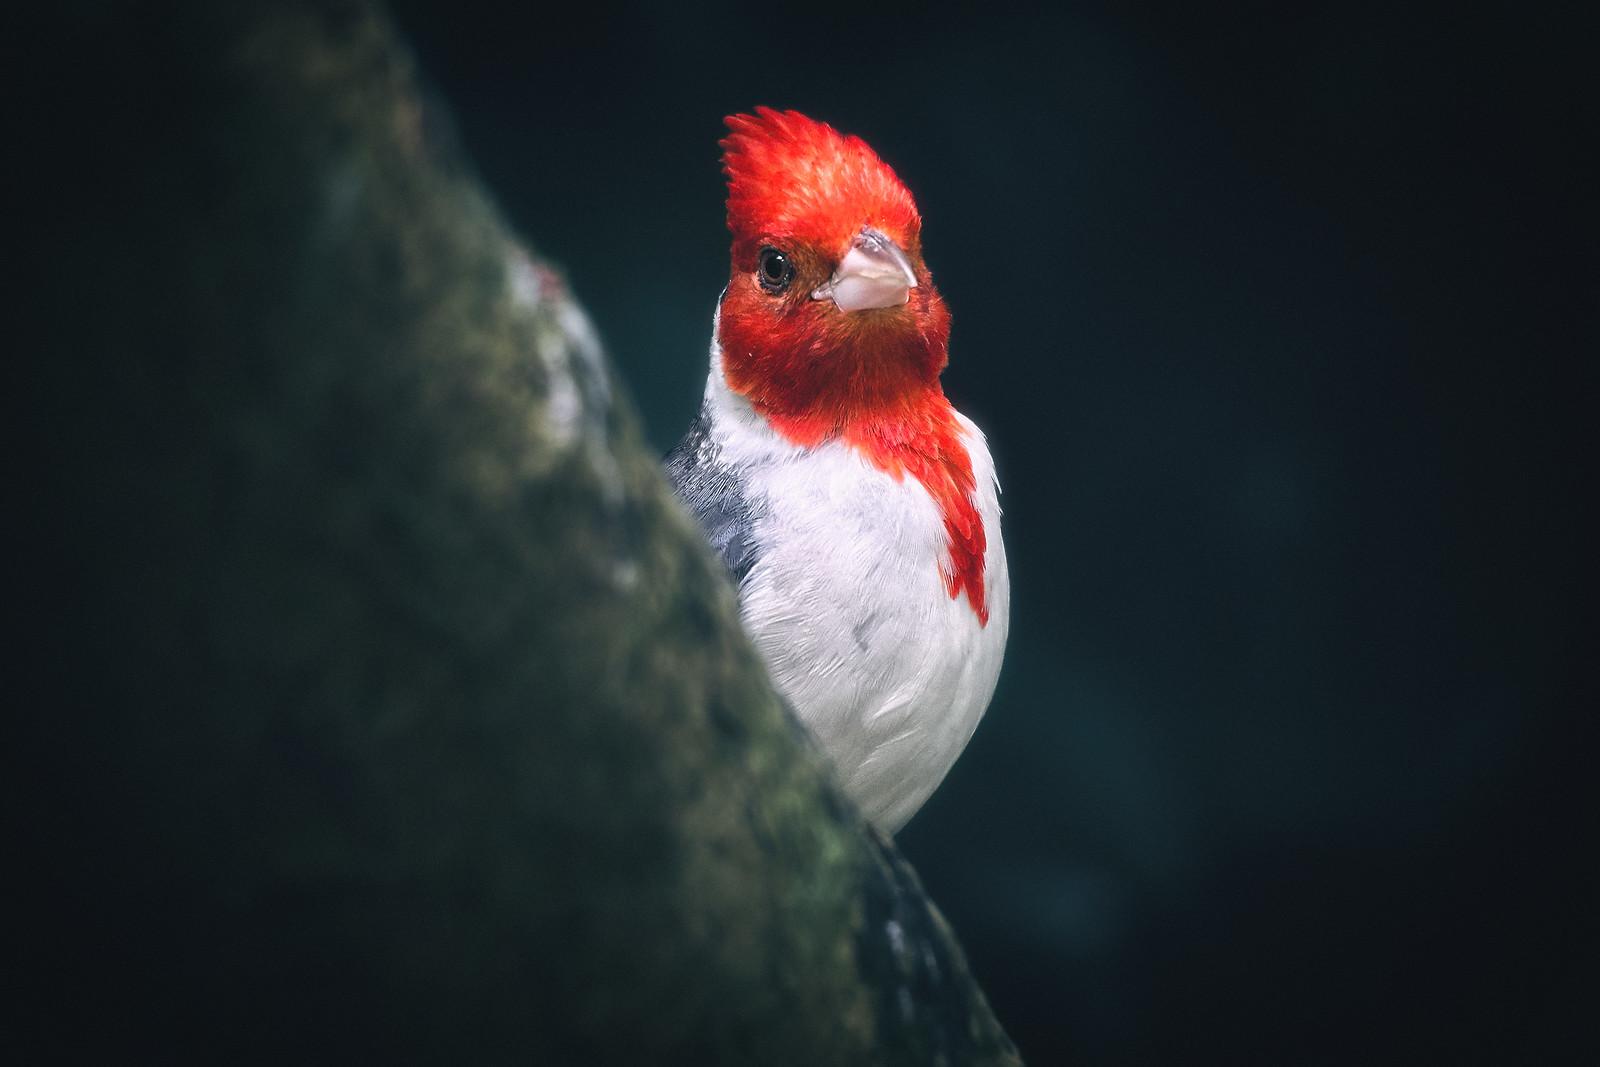 Red-Crested Cardinal Bird